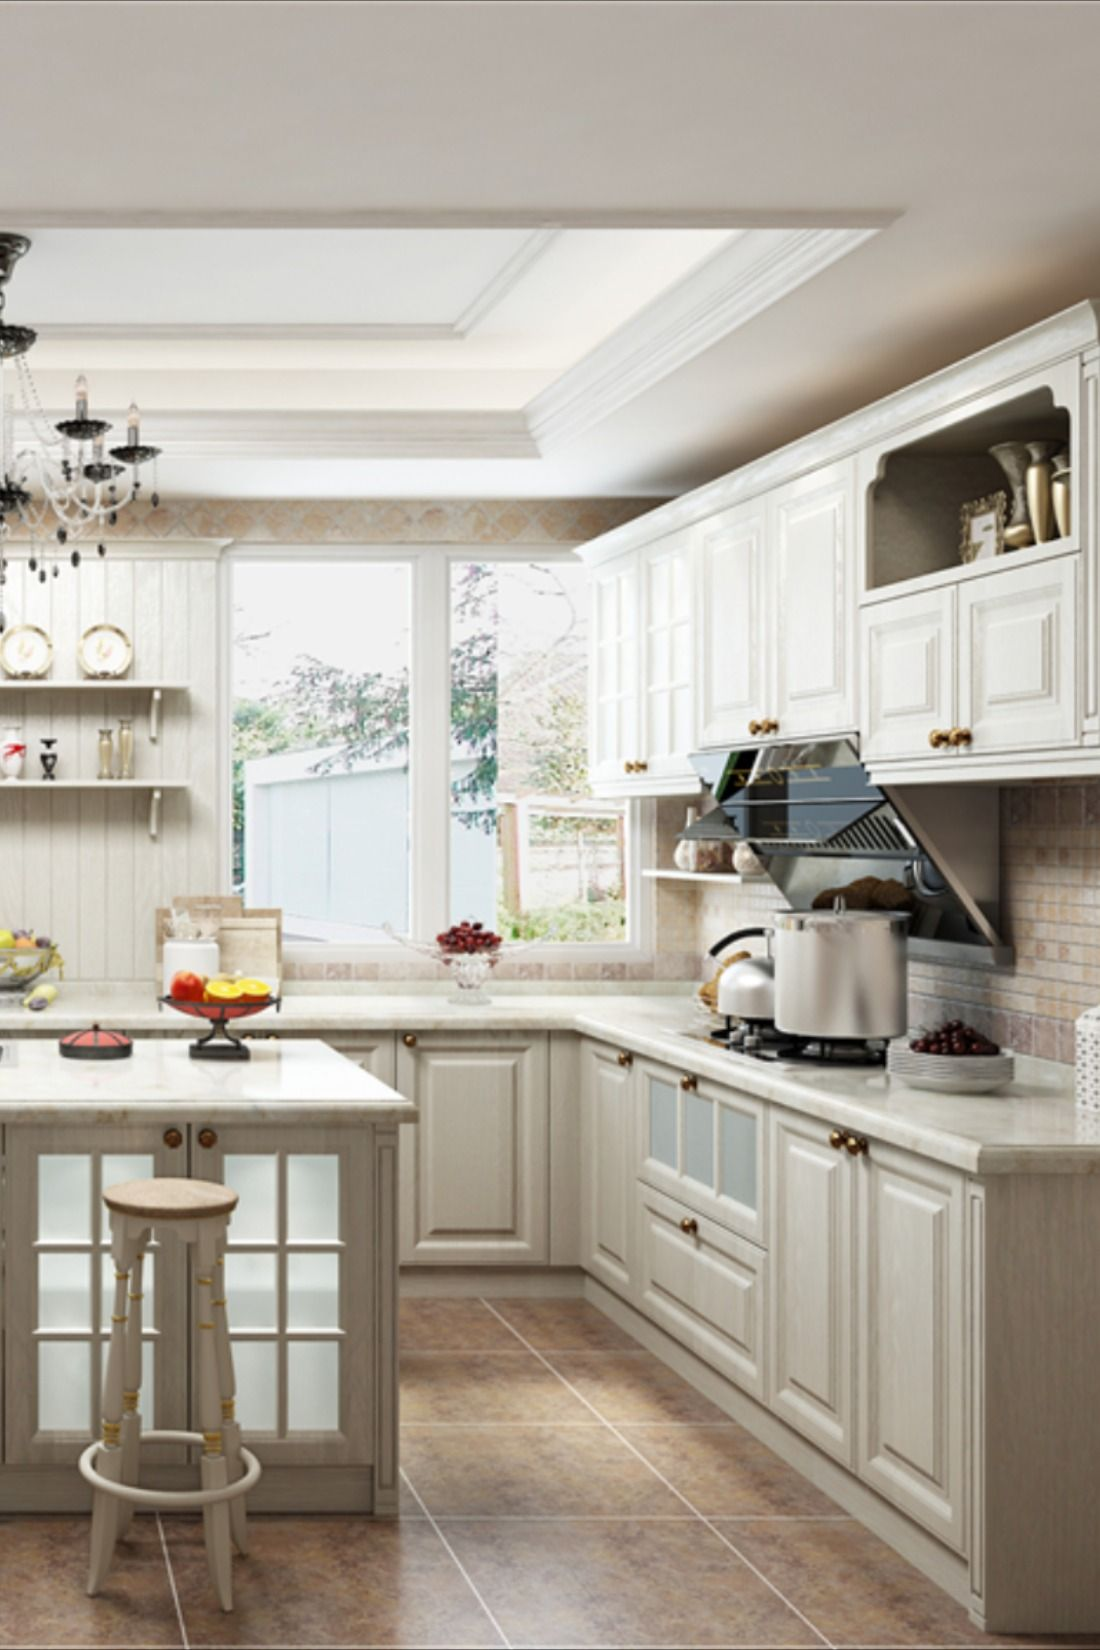 Pvc Blister Kitchen Cabinet Custom Kitchen Cabinets Wooden Kitchen Cabinets Kitchen